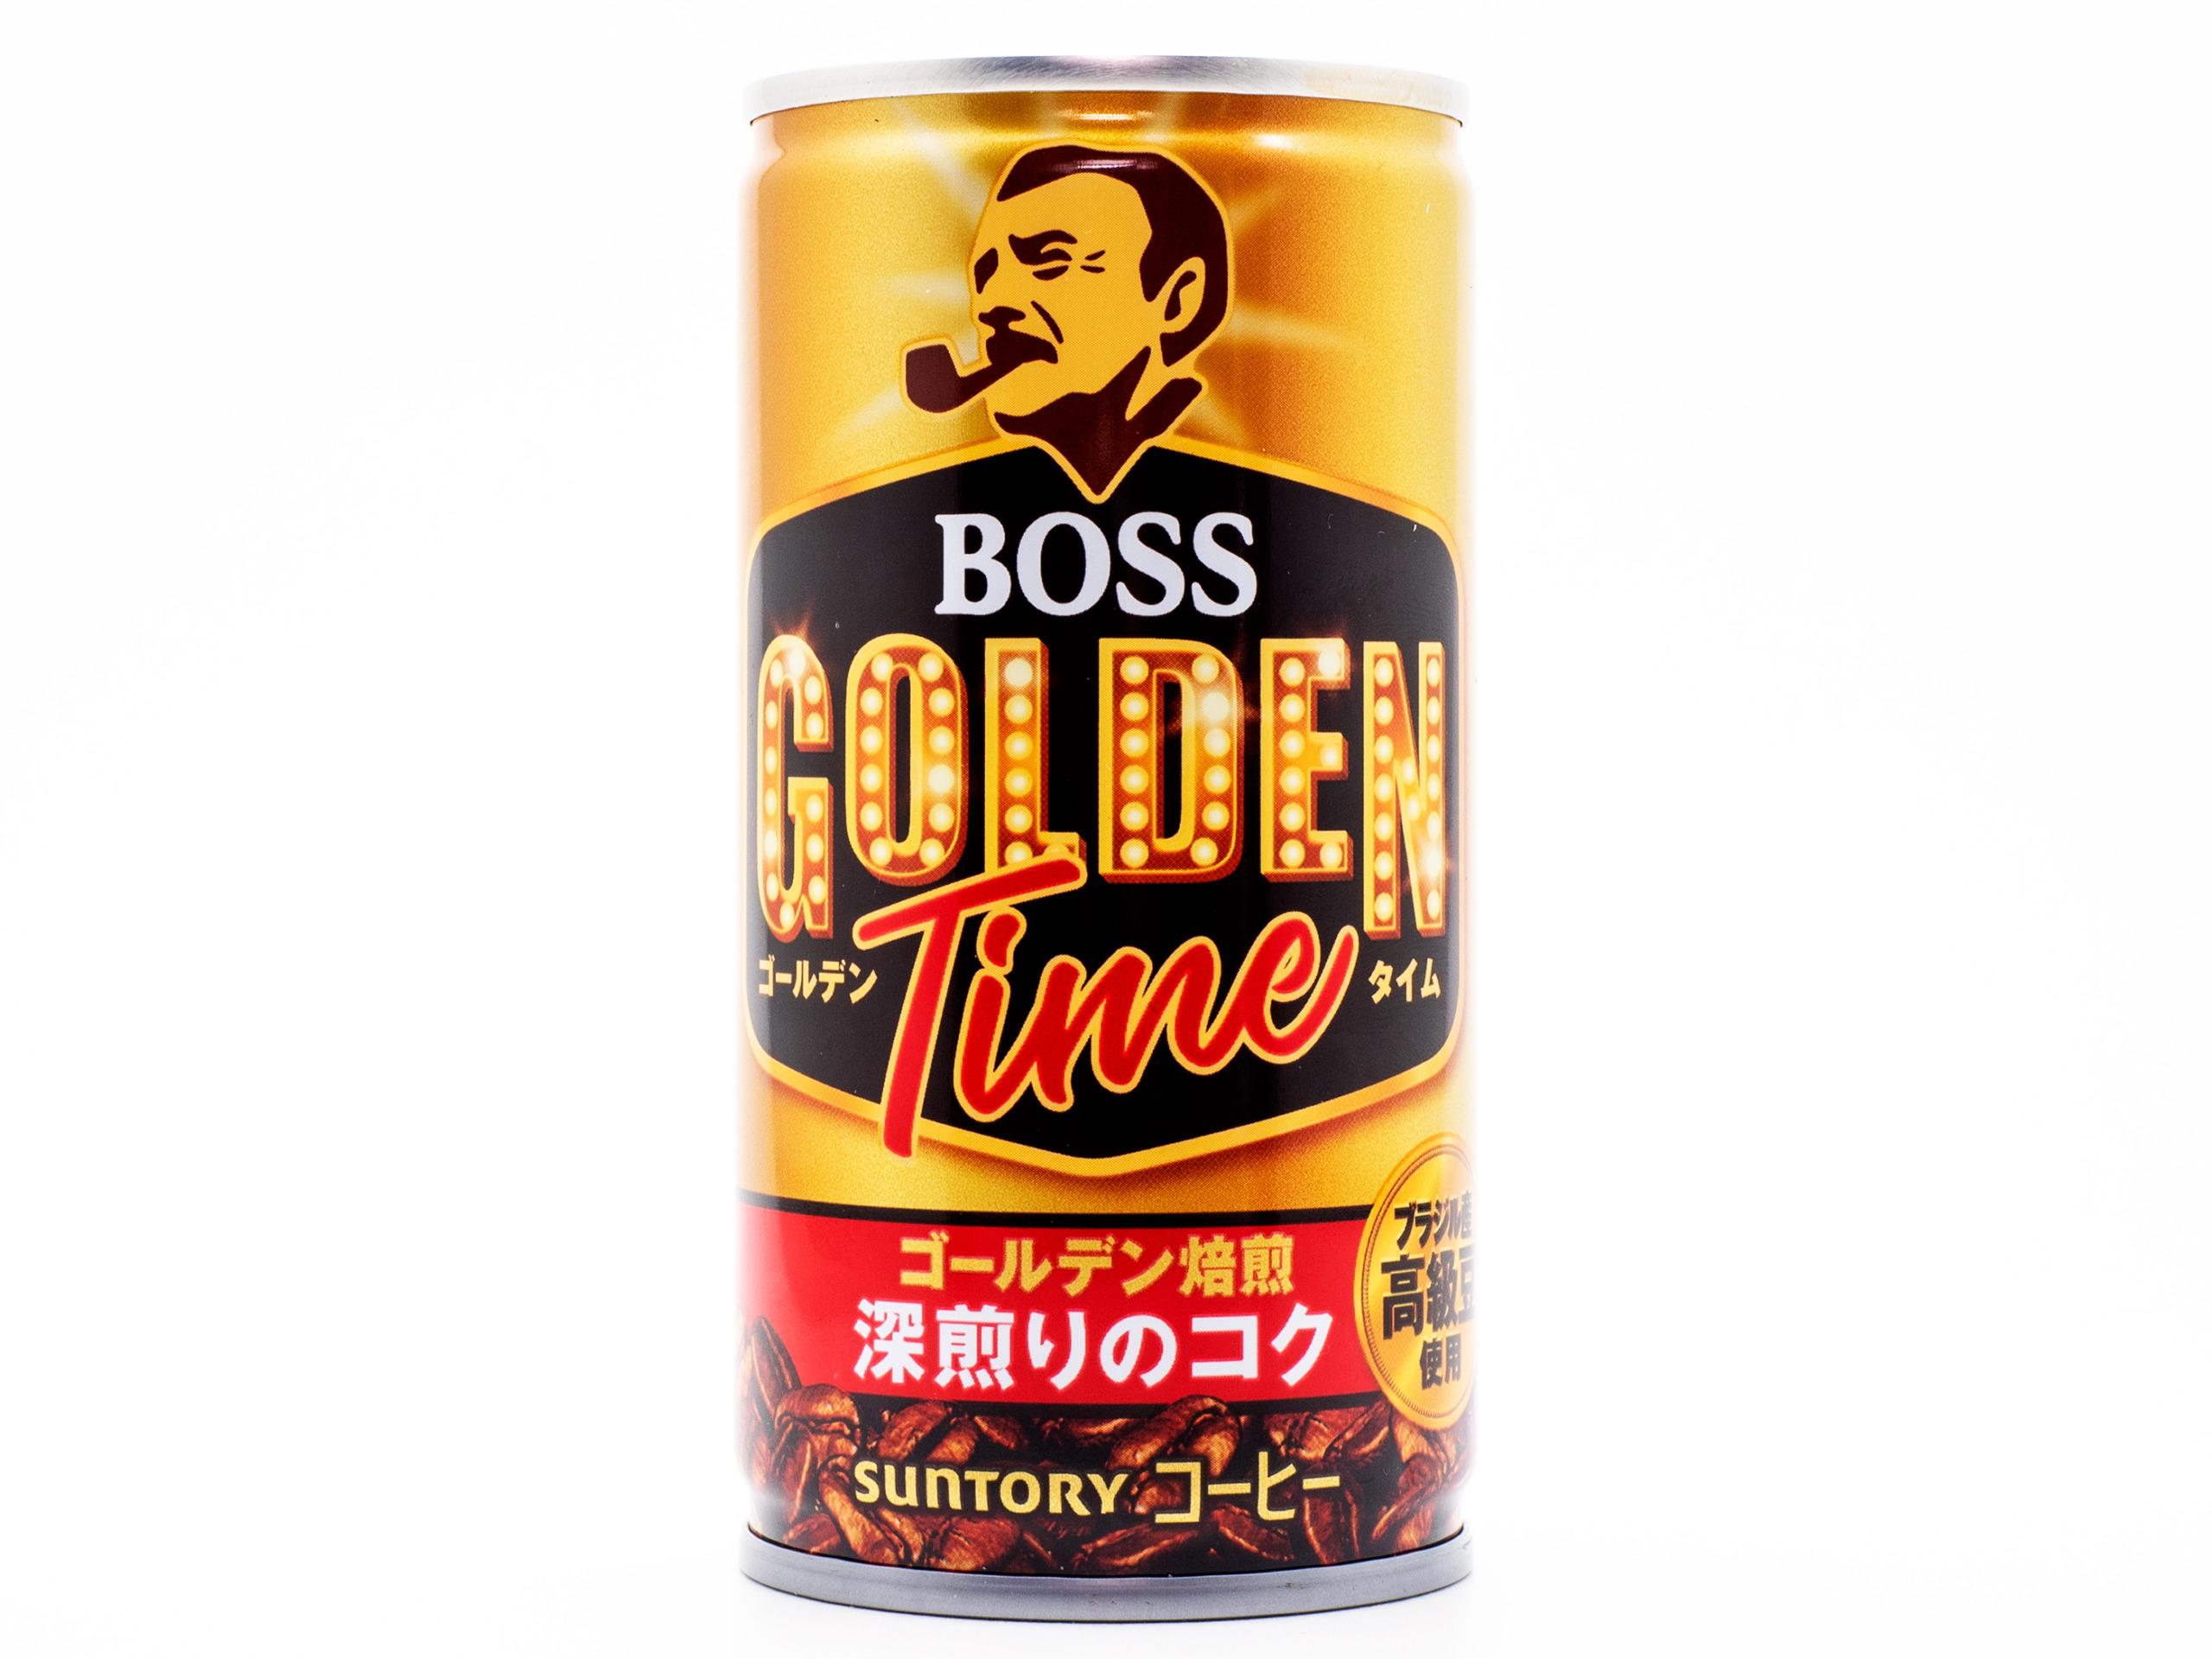 サントリーフーズ BOSS ゴールデンタイム